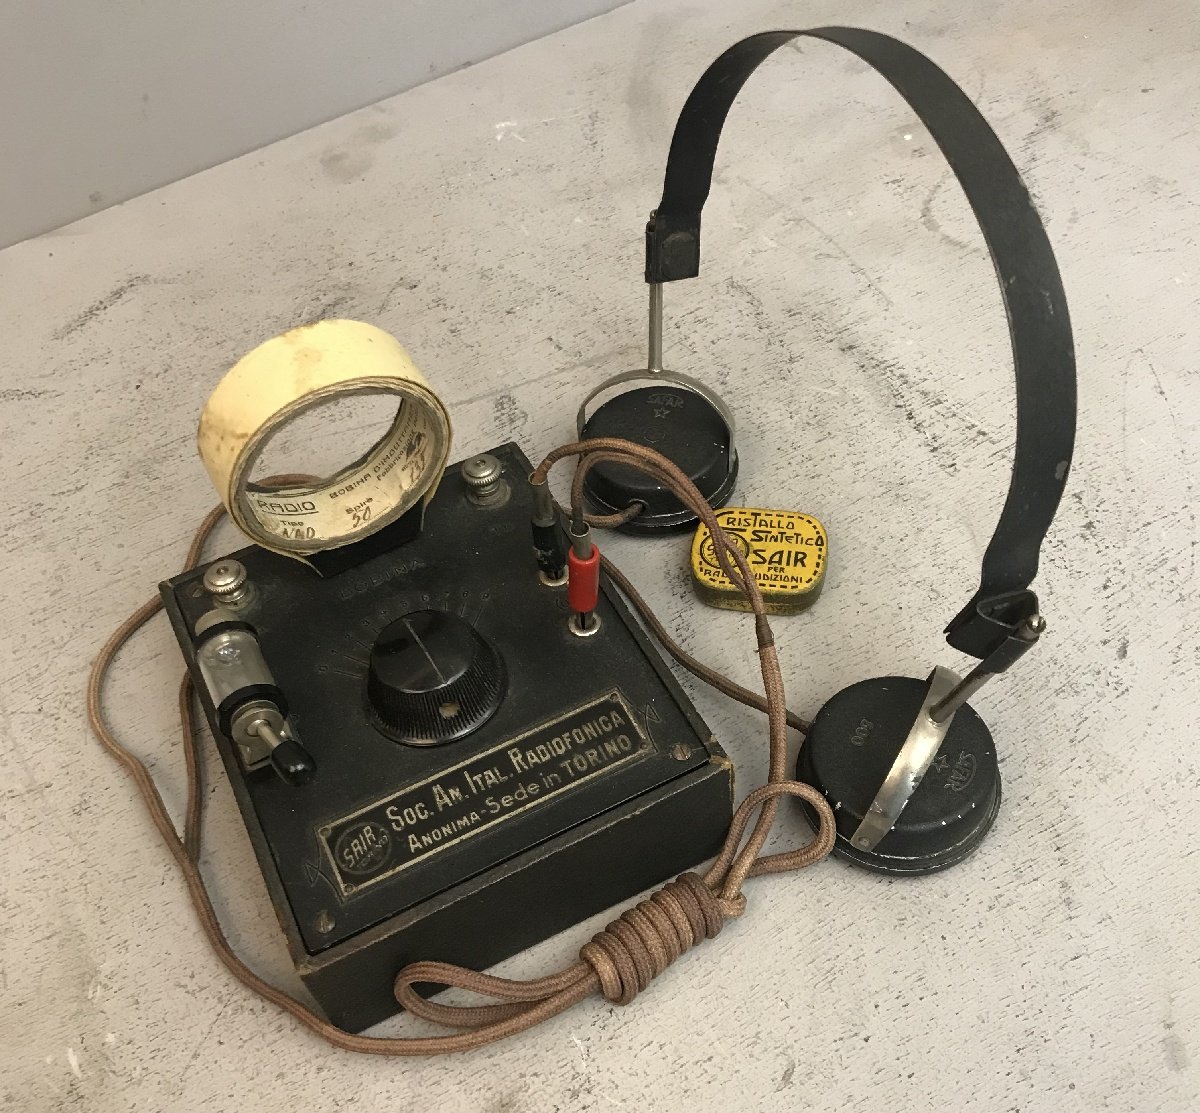 Radio Galena S.A.I.R. ( Società Anonima Italiana Radiofonica )